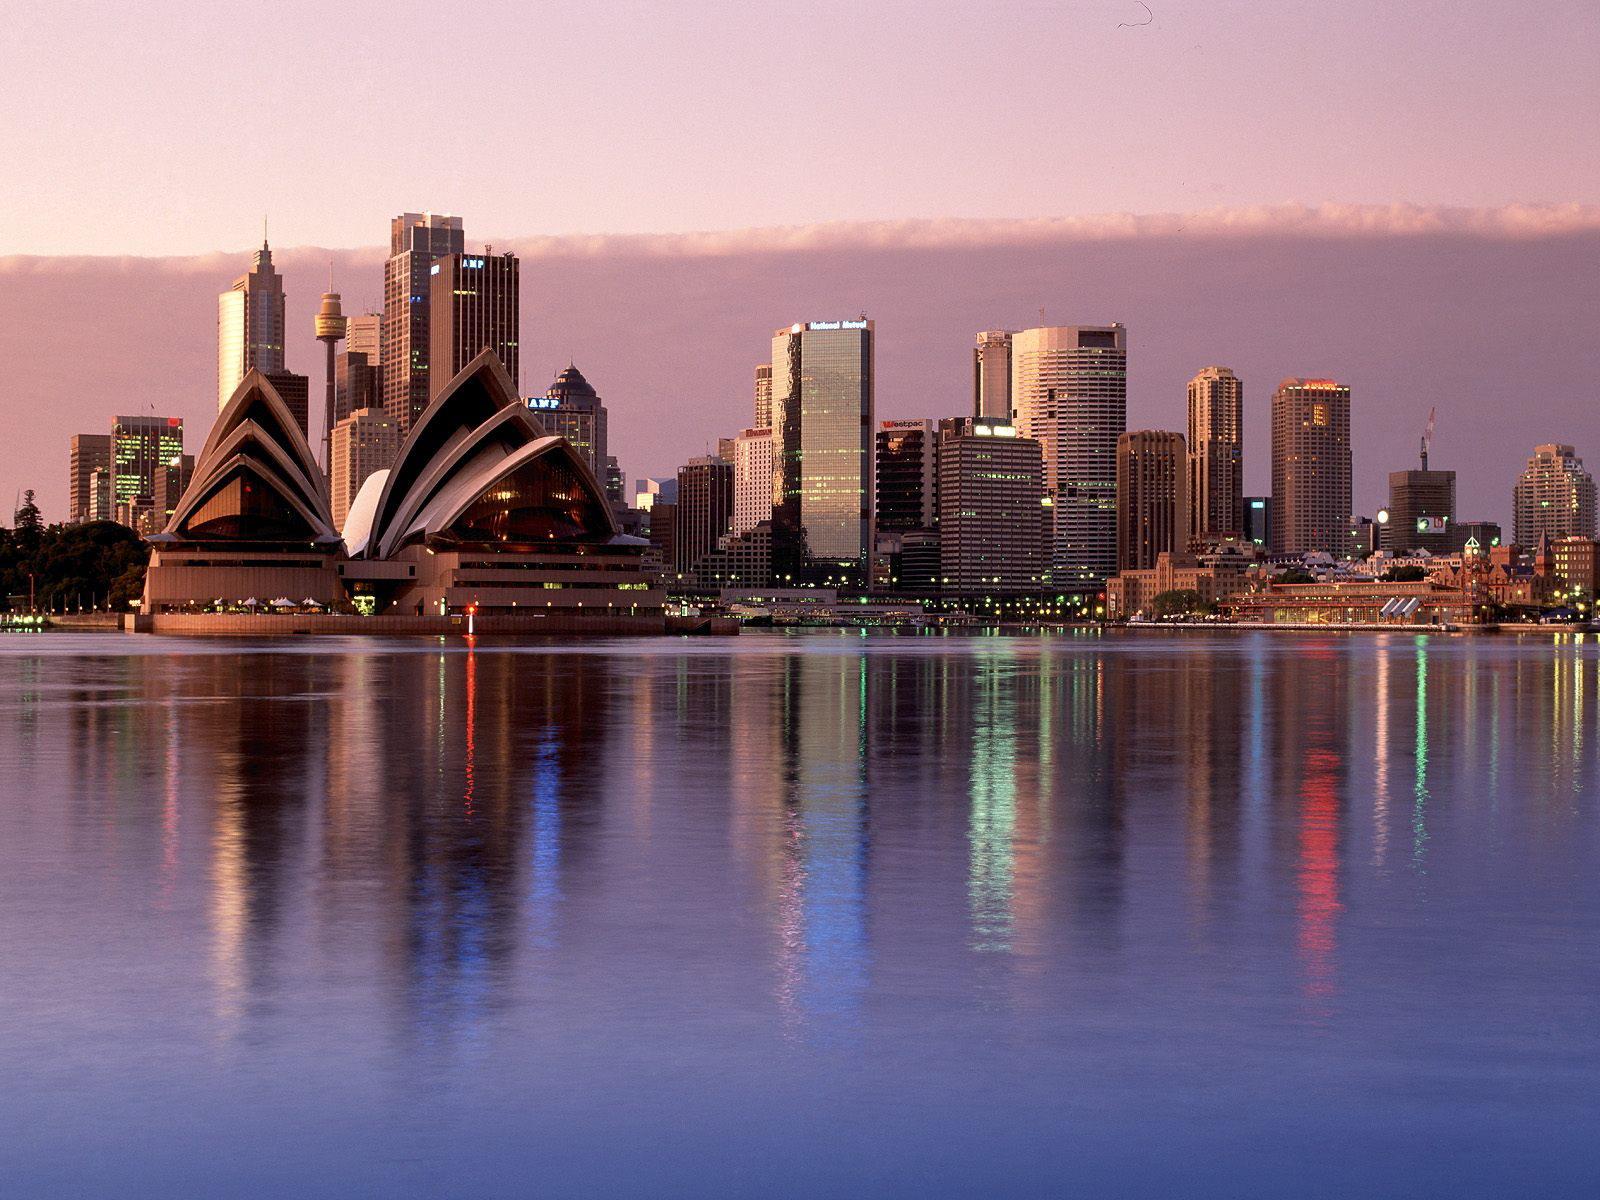 Paisajes de australia fotos para conocer australia hot - Paisajes de australia ...